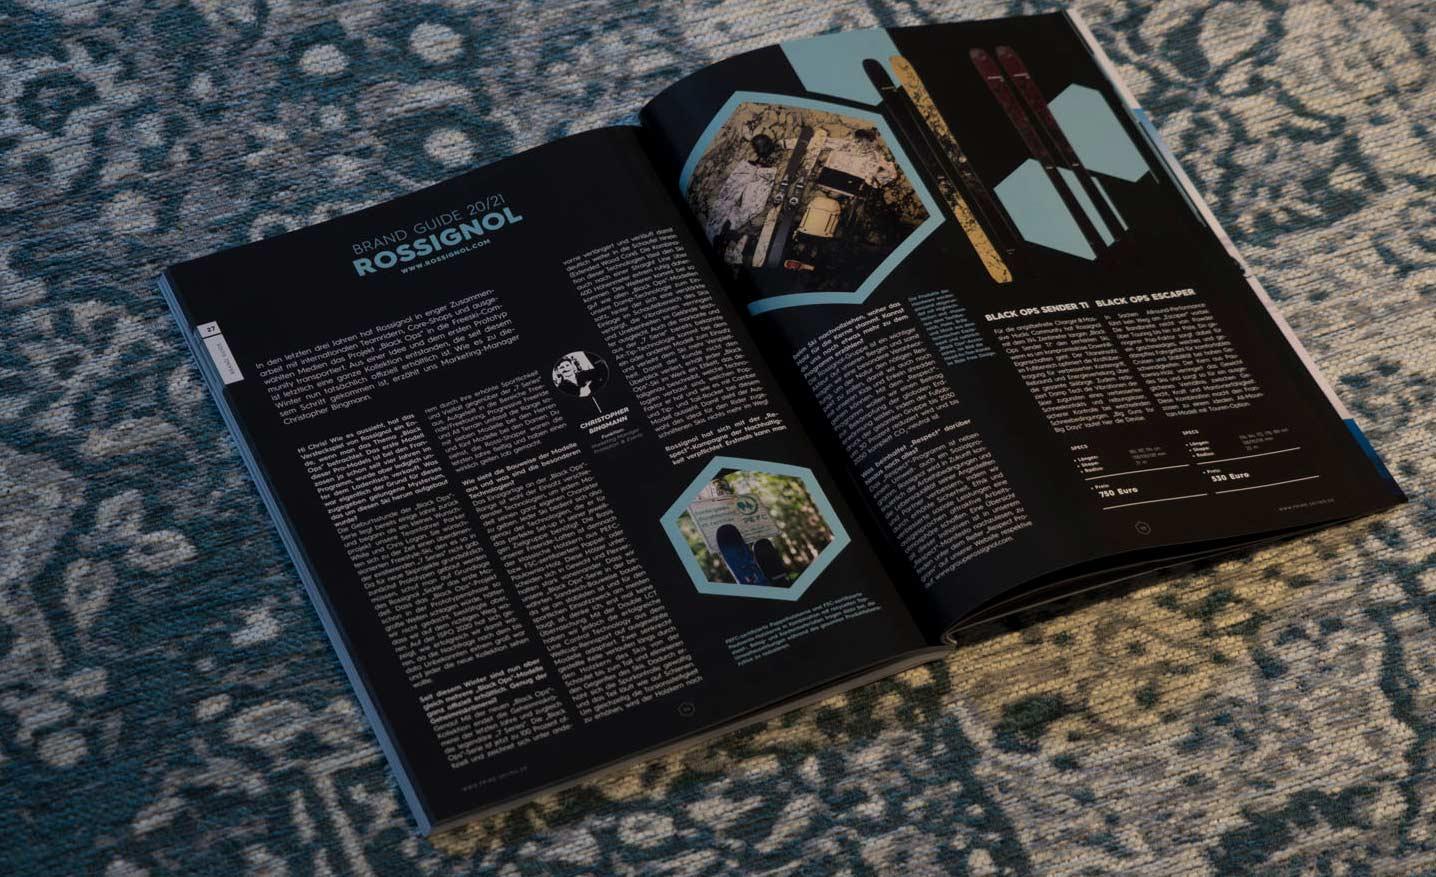 Rossignol in der PRIME Skiing Brandguide 2021 Printausgabe